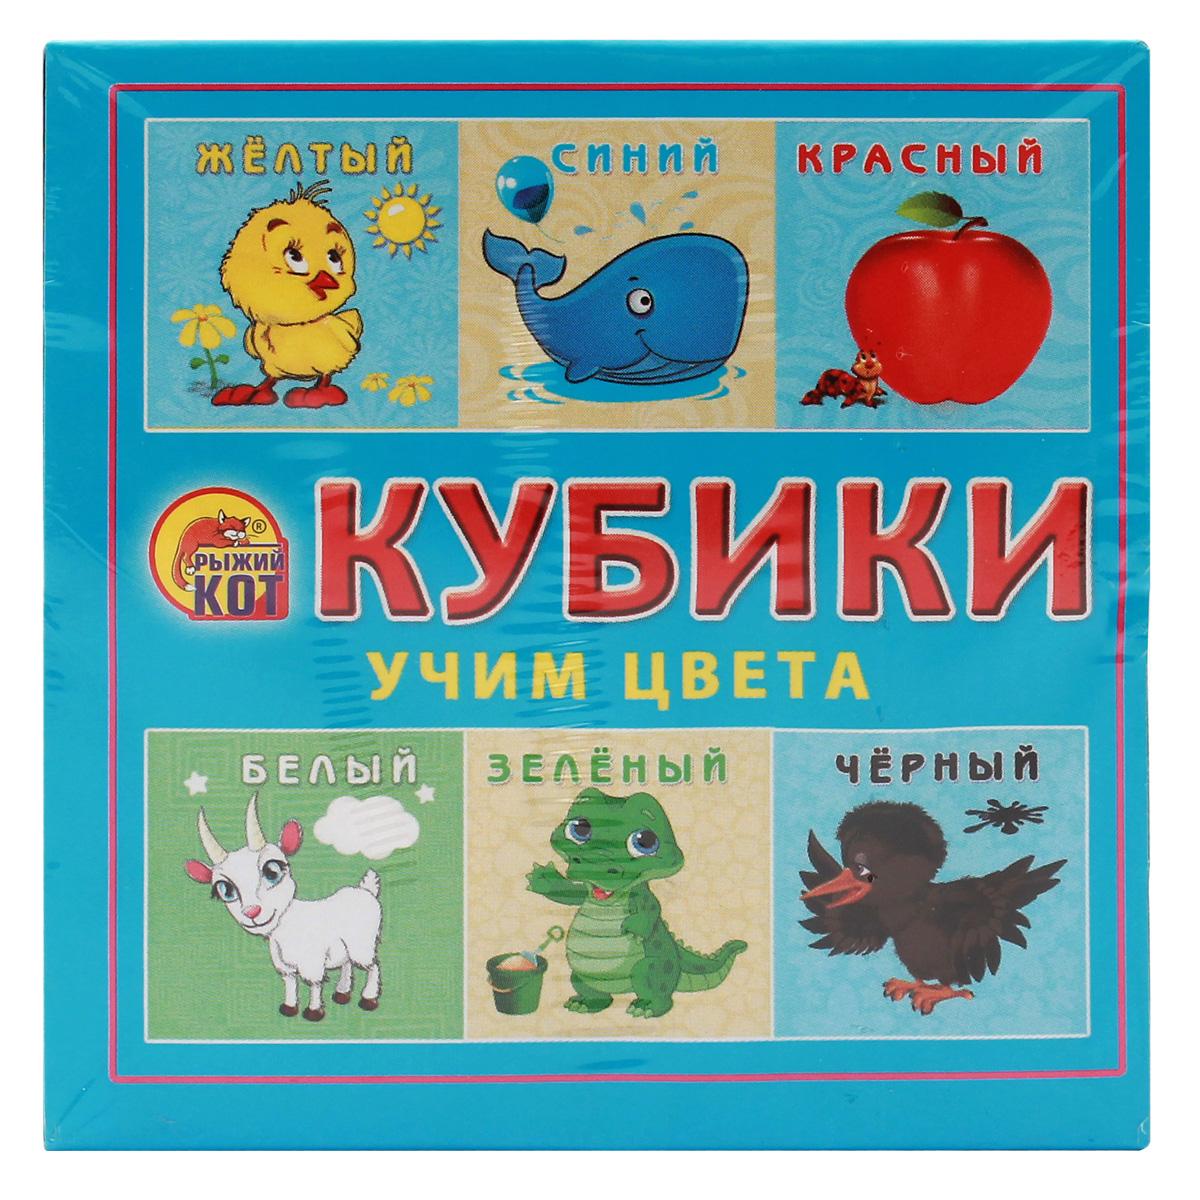 Рыжий Кот Кубики Учим цвета 4 шт киричек е ред учим цифры учим цвета я считаю до 10 4